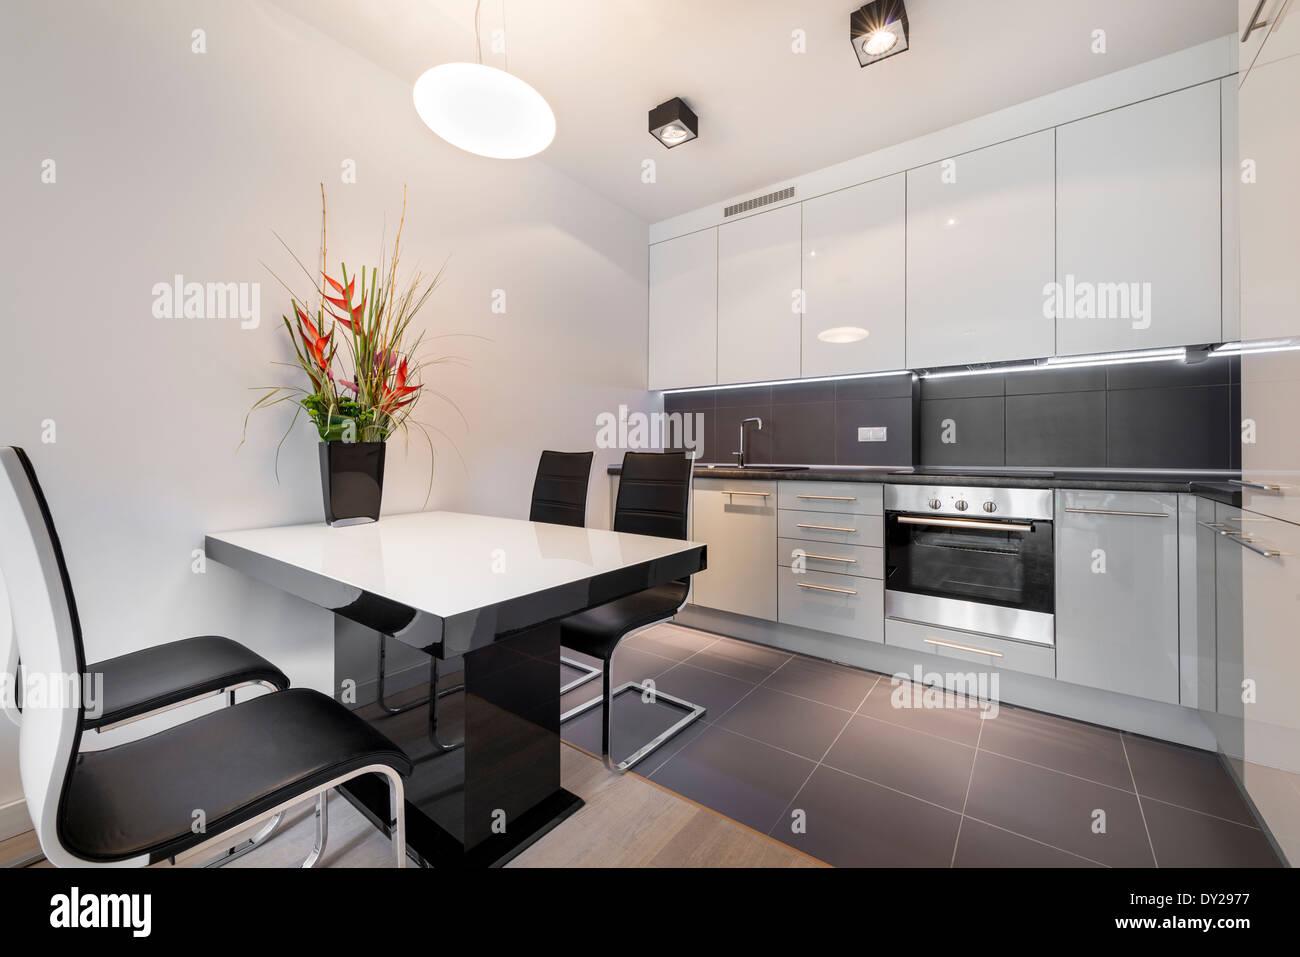 Moderne Küche mit grauen Fliesen und weißen Tisch Stockfoto, Bild ...